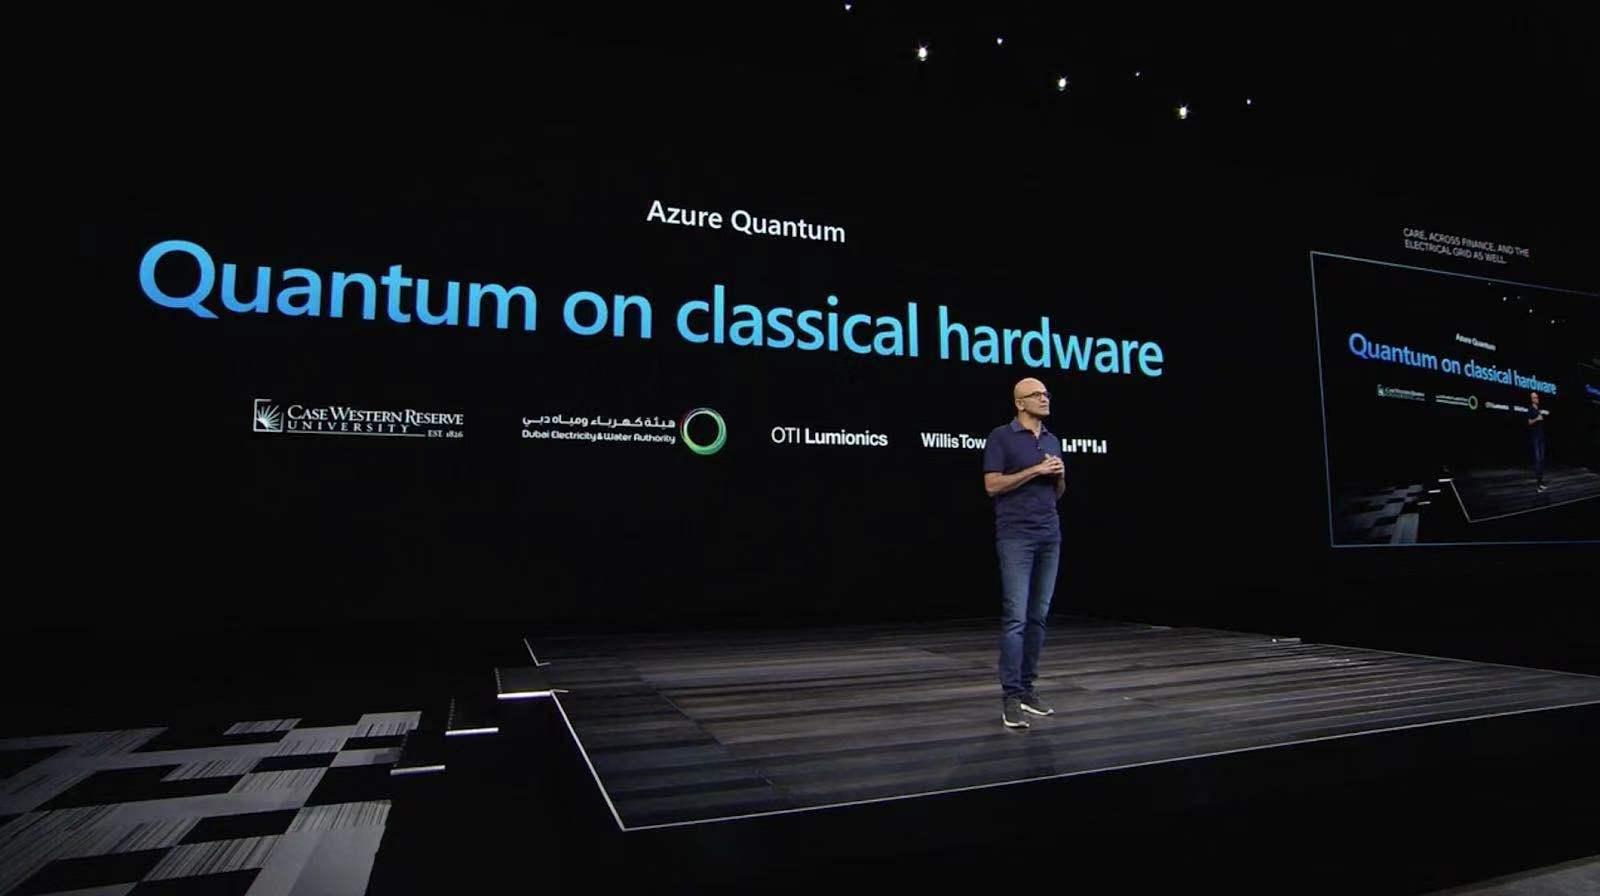 Microsoft CEO announcing Azure Quantum at Ignite 2019